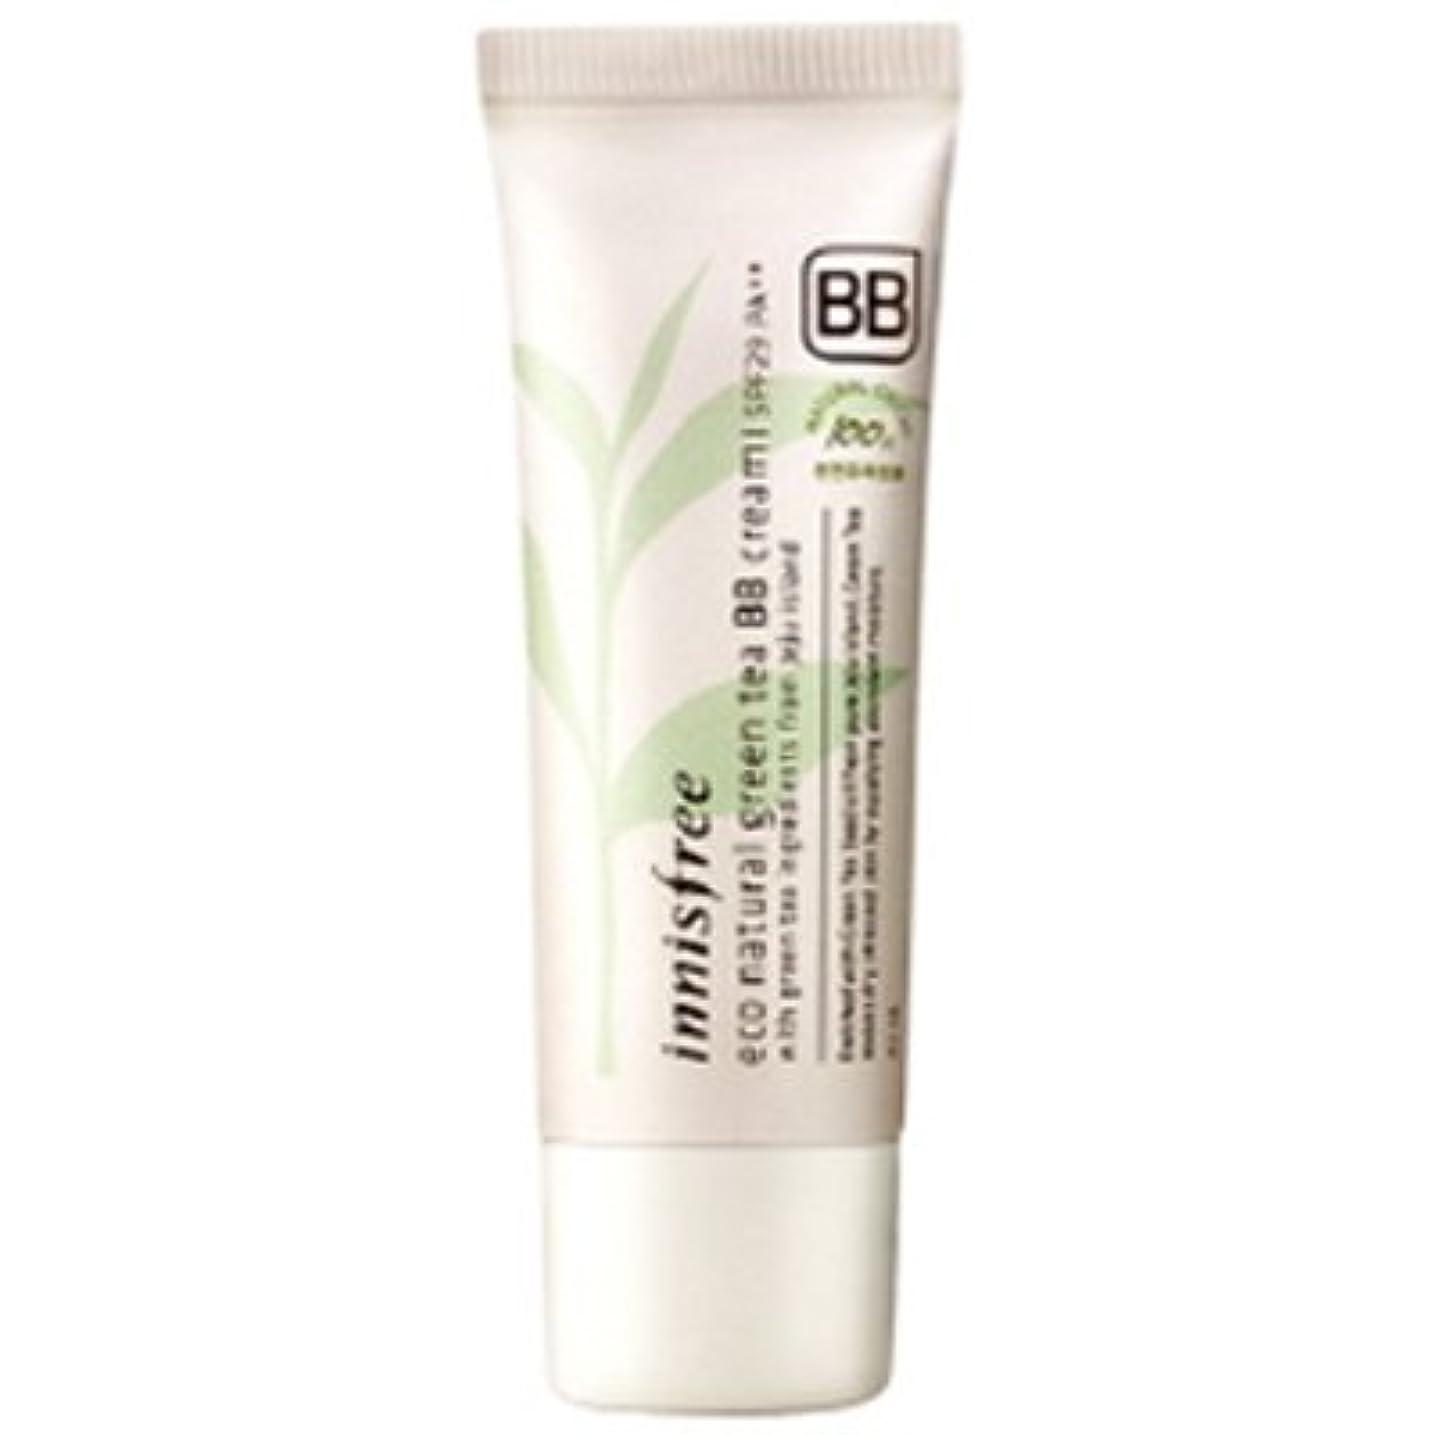 ストレンジャーひばり順応性のあるinnisfree(イニスフリー) Eco natural green tea BB cream エコ ナチュラル グリーン ティー BB クリーム SPF29/PA++ 40ml #1:ライトベージュ